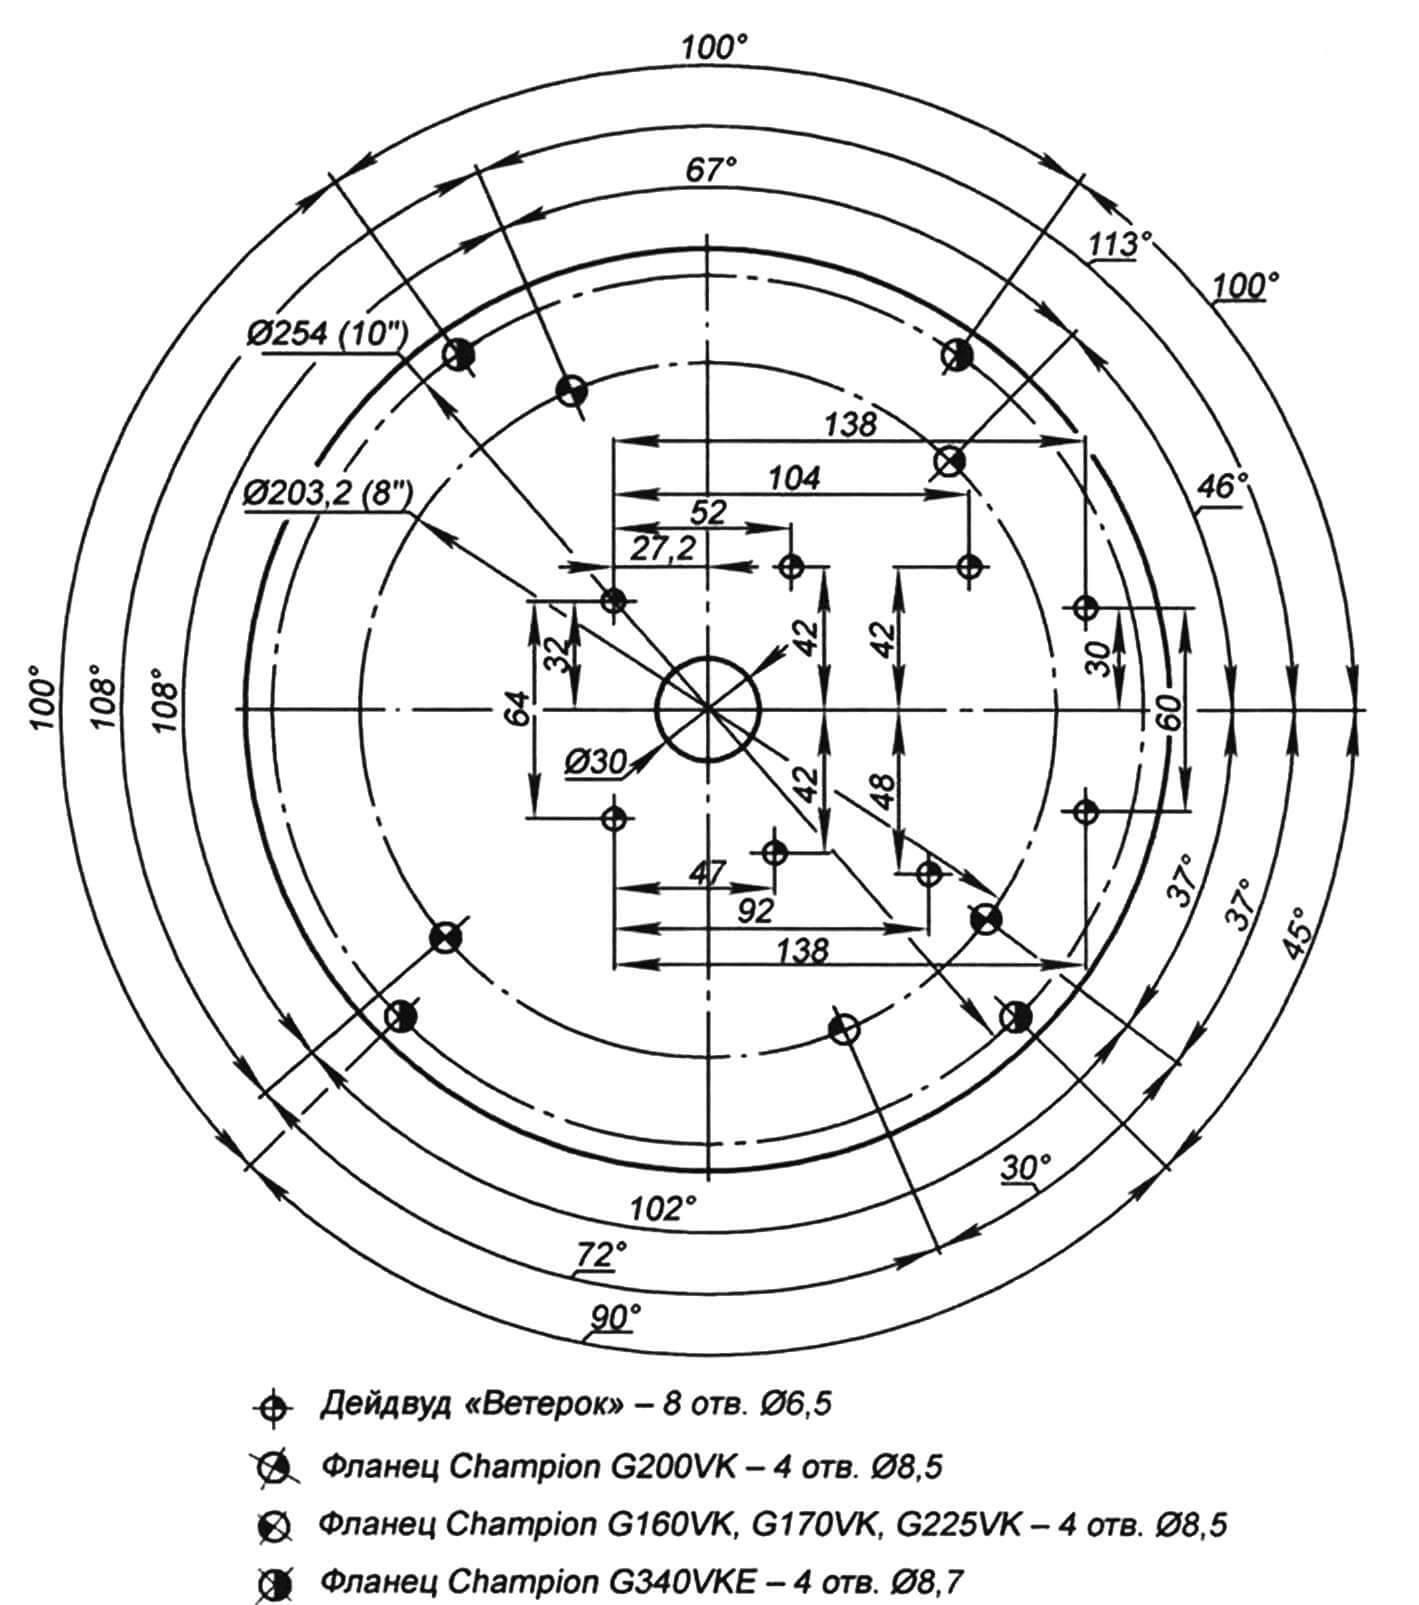 Универсальная схема расположения отверстий, обеспечивающая стыковку дейдвуда мотора «Ветерок» и двигателей фирмы Champion